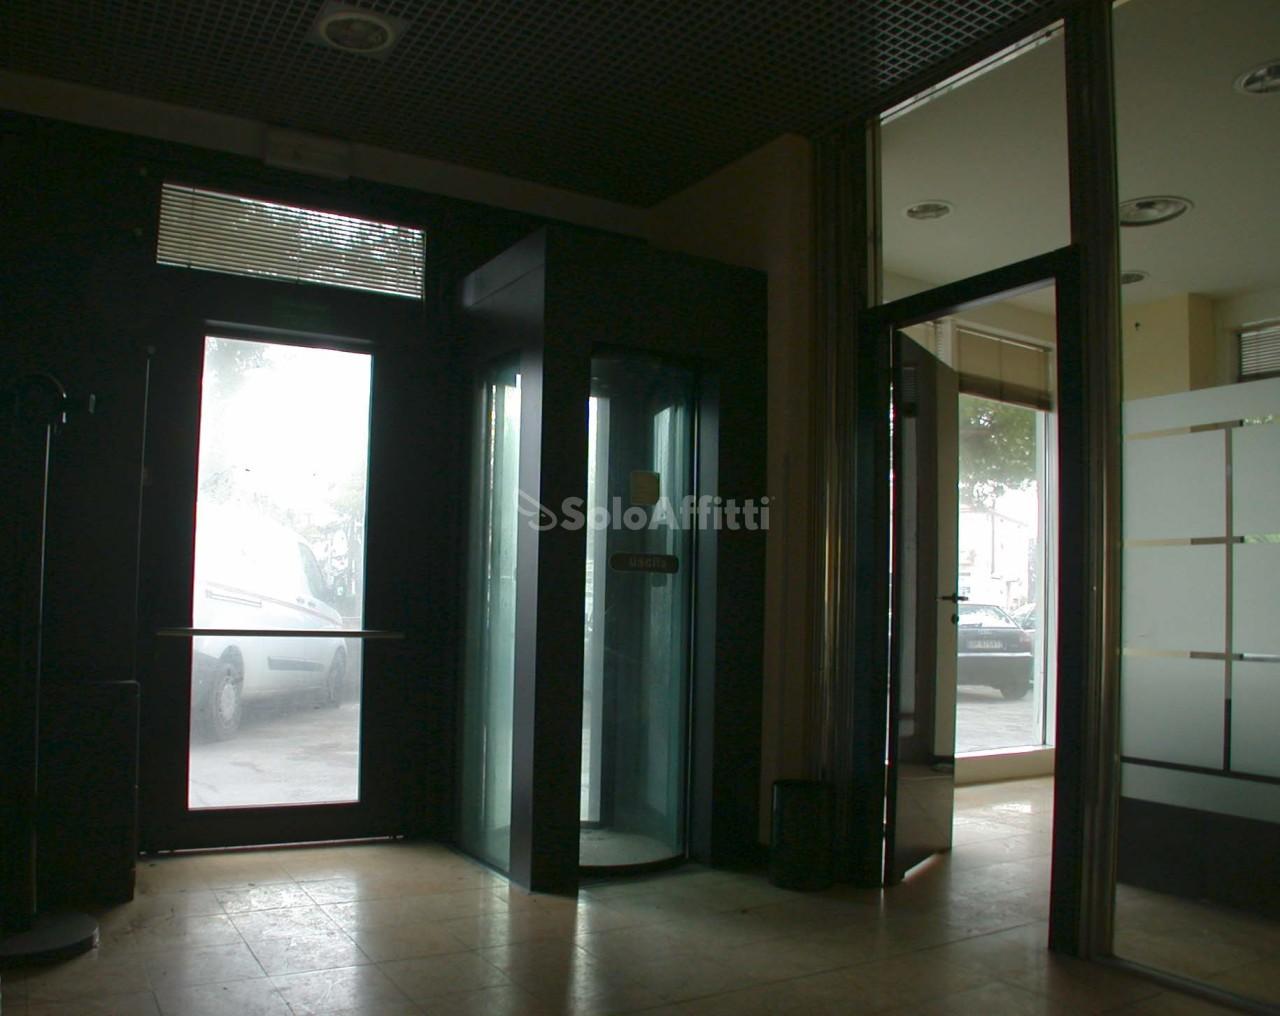 Fondo/negozio - Oltre 5 vetrine/luci a Pantano, Pesaro Rif. 4134912